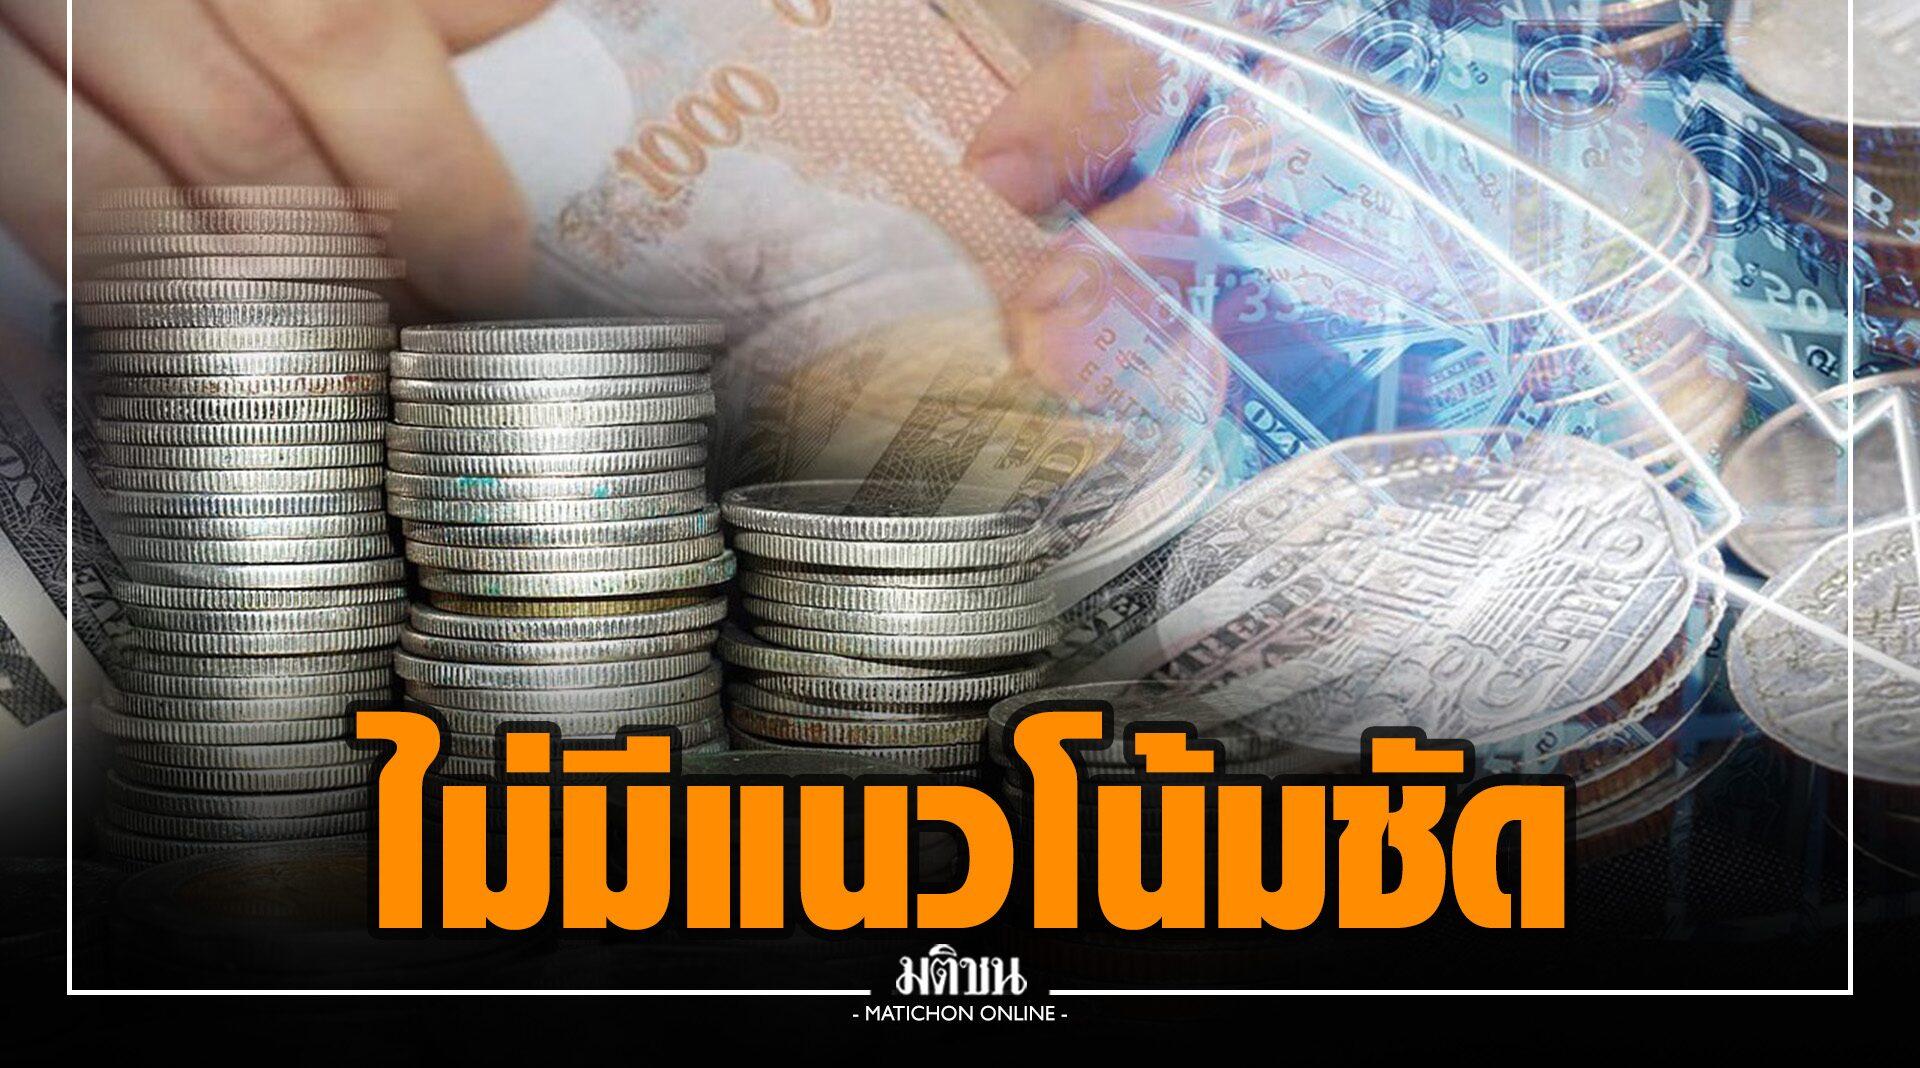 เงินบาทเปิดตลาด 30.75 บาท นักวิเคราะห์ชี้ไม่มีแนวโน้มแข็งหรืออ่อนค่าที่ชัดเจน